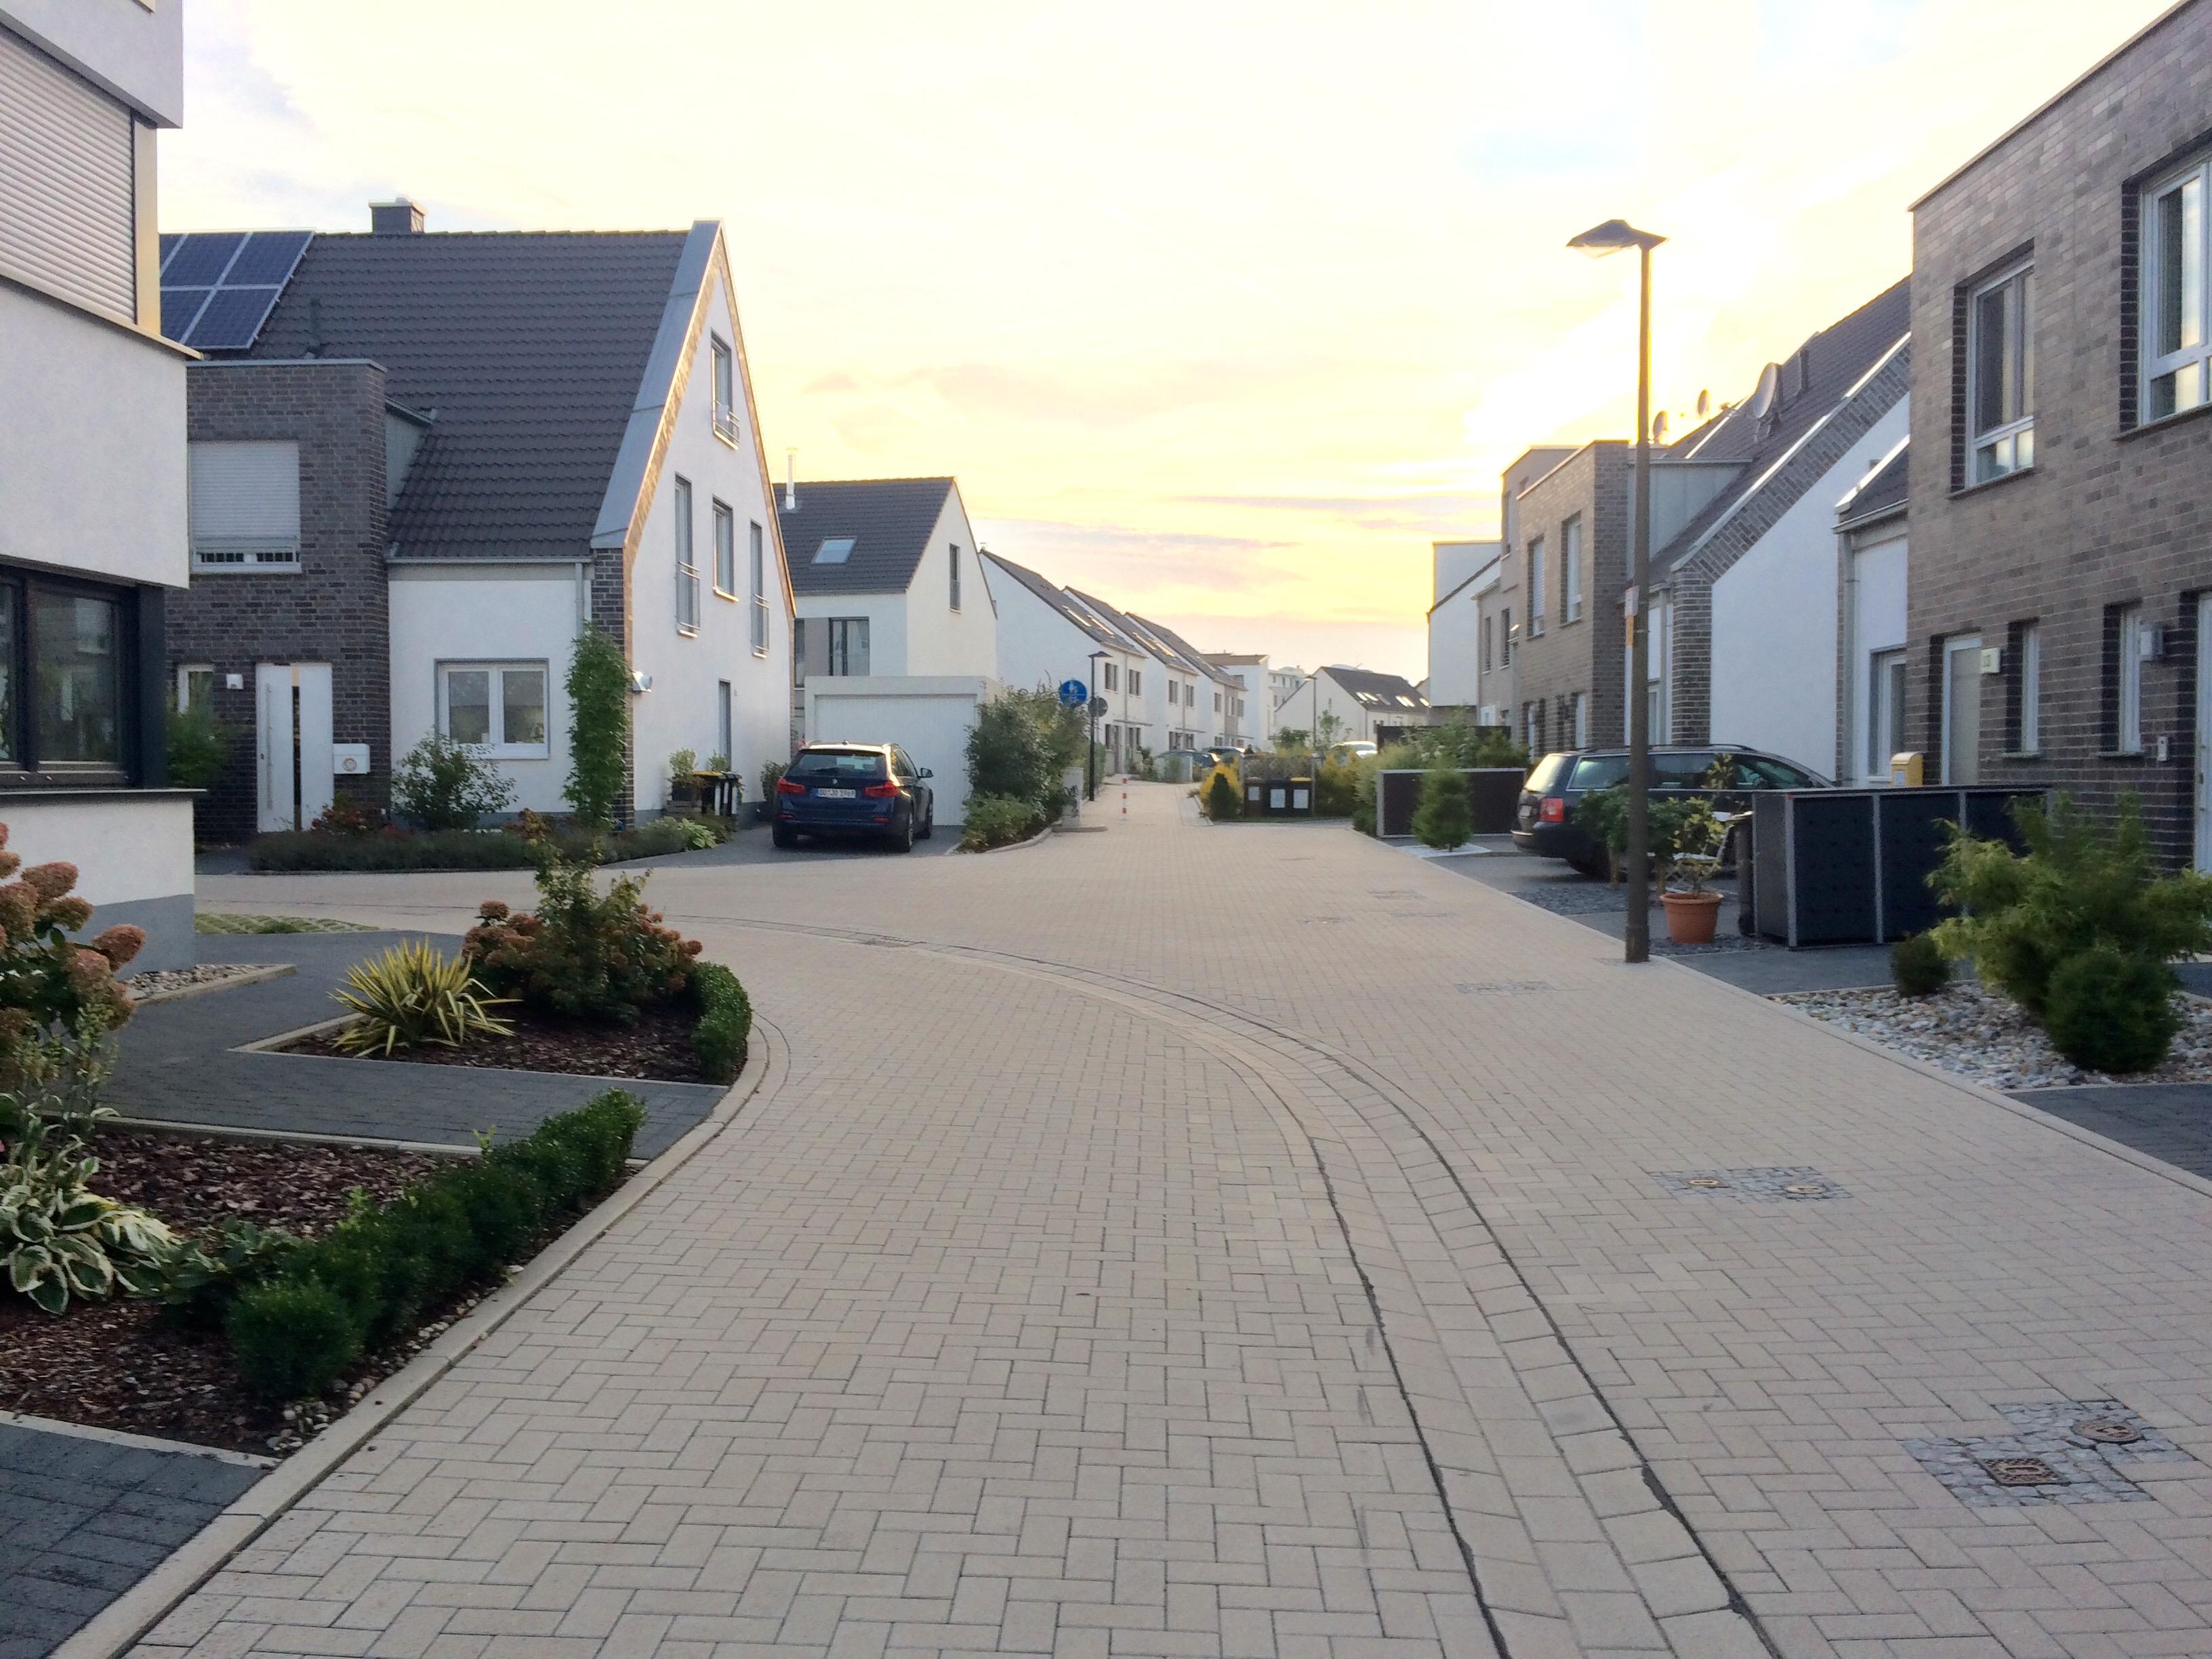 Bild: http://abload.de/img/img_9344i2sgj.jpg